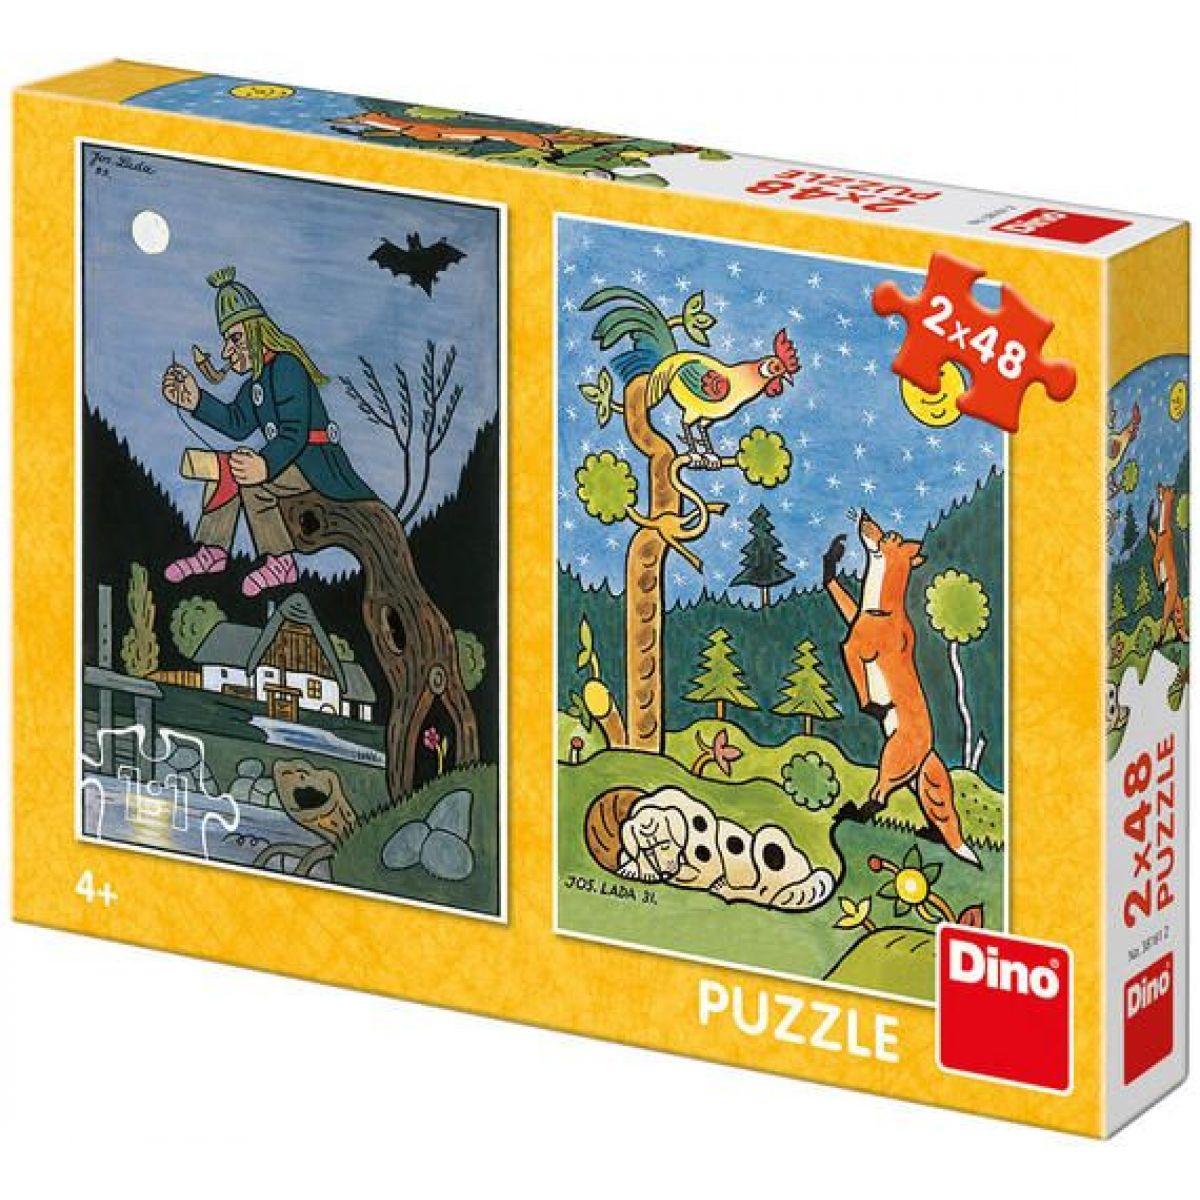 Dino Puzzle Josef Lada Pohádky 2 x 48 dielikov